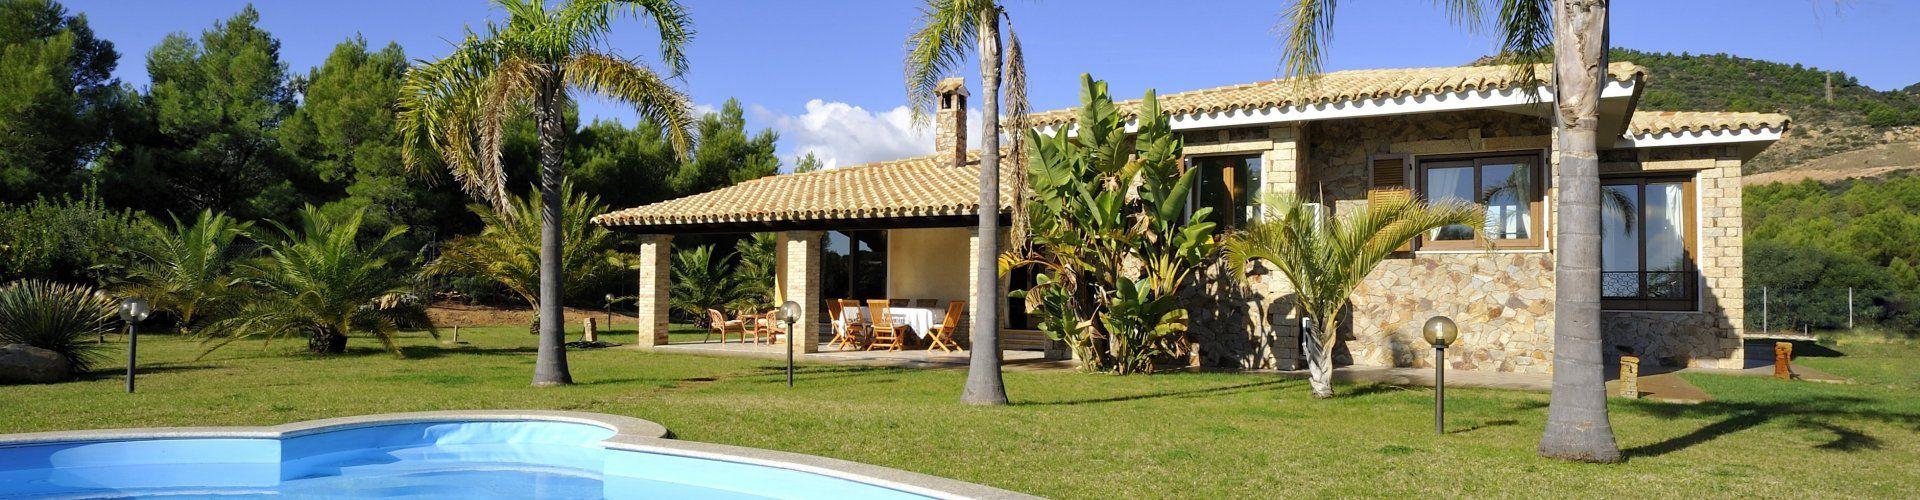 Pool mit Blick auf die Villa